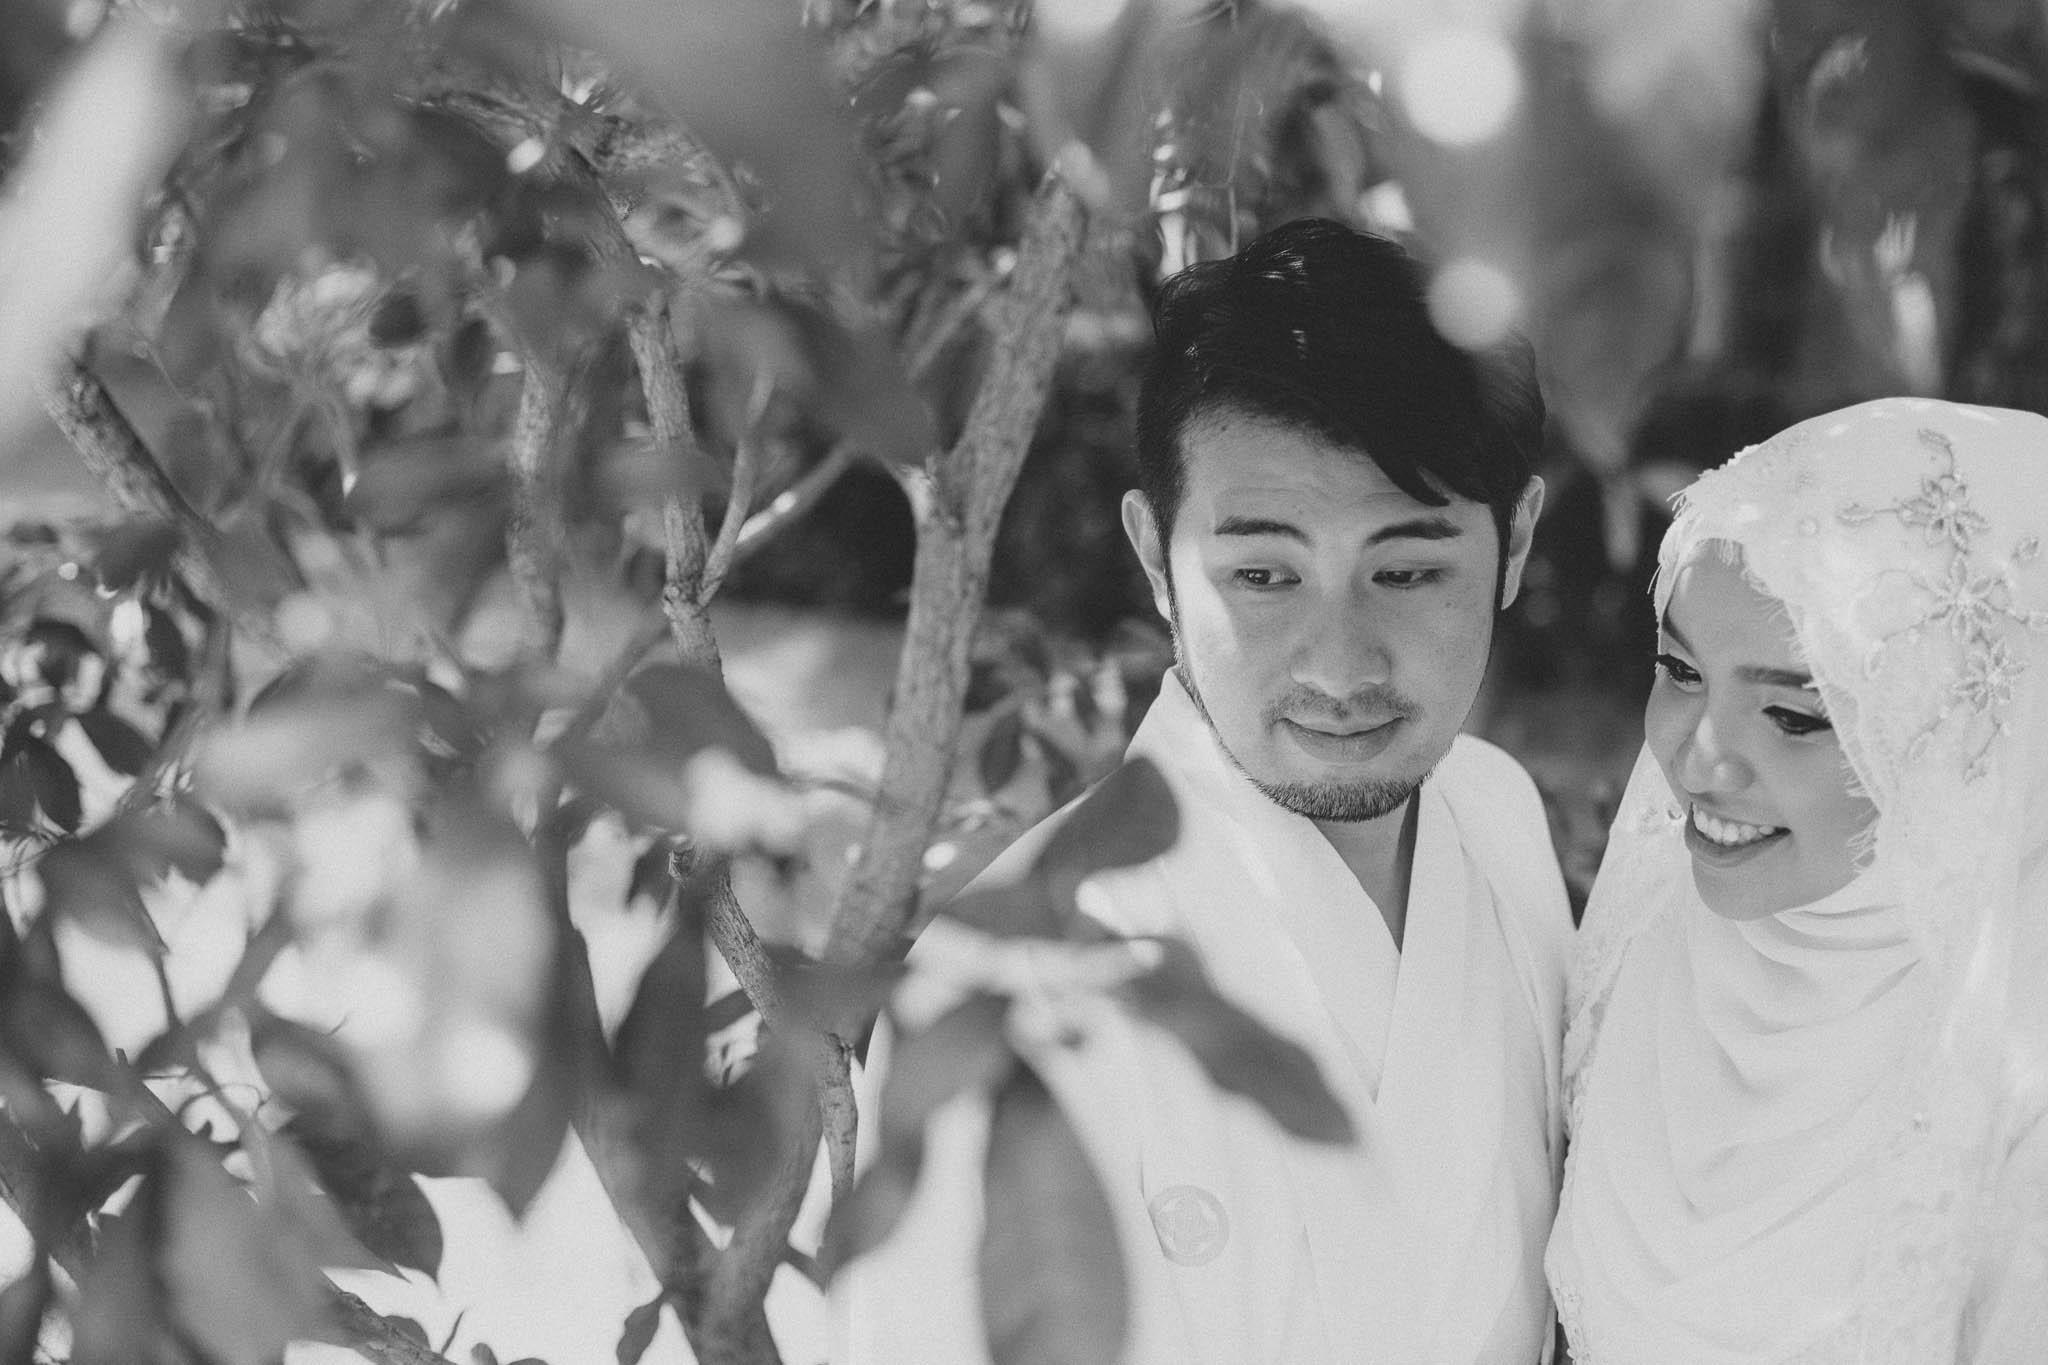 singapore-wedding-photographer-travel-wemadethese-atara-hafizah-32.jpg